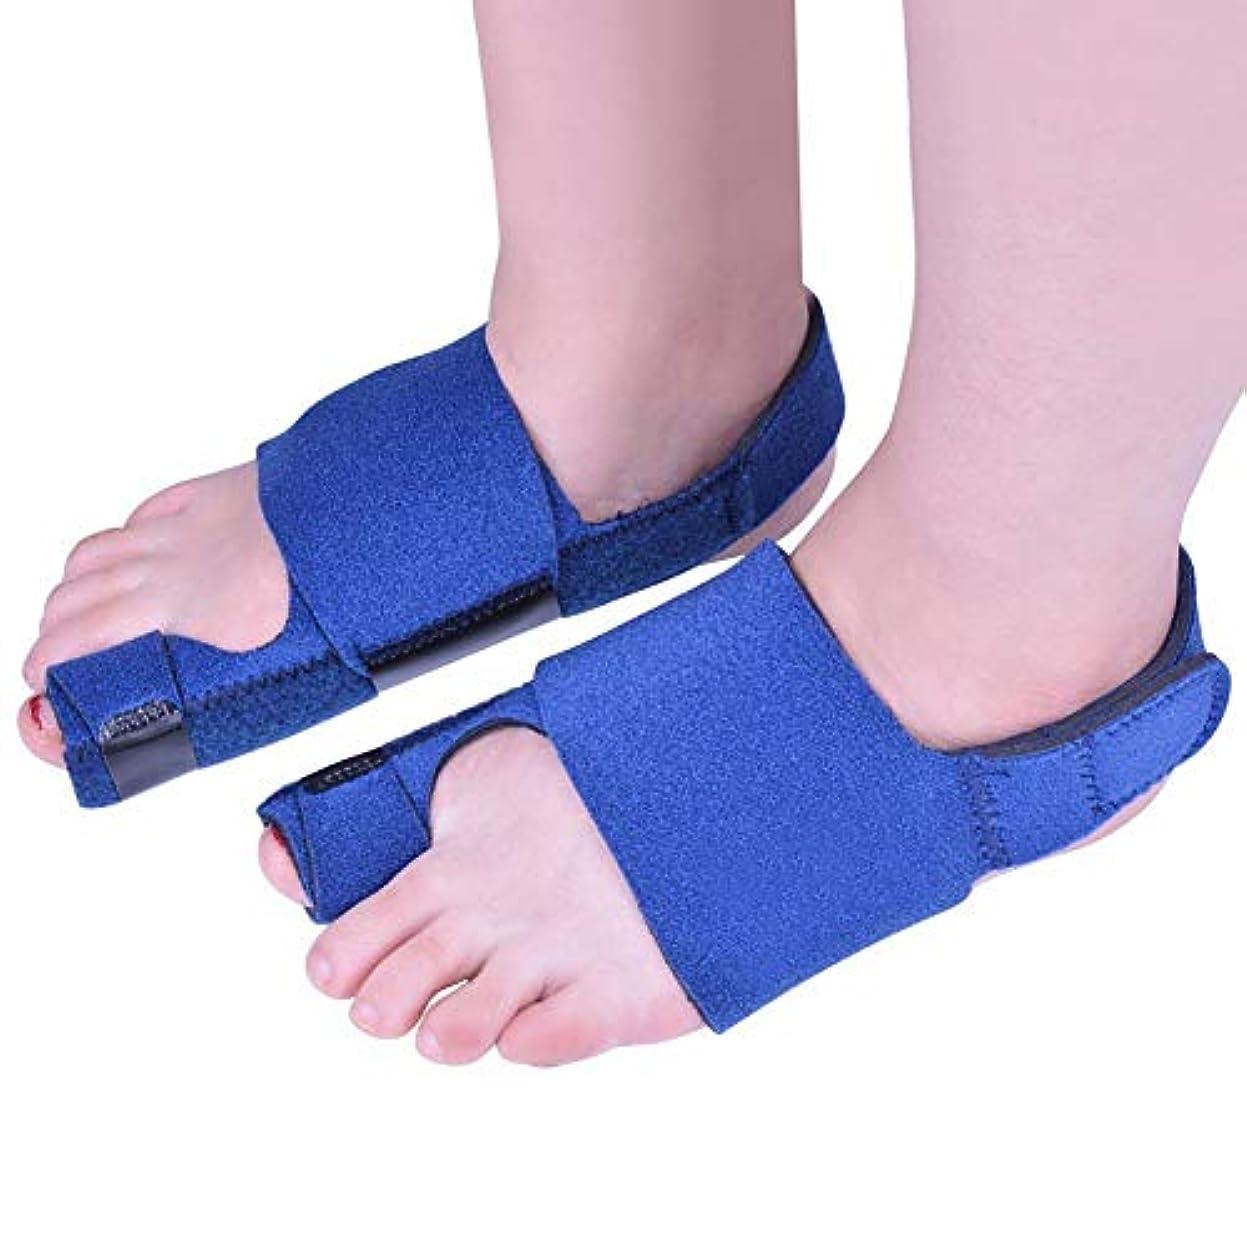 鉄知性禁輸Bunion Corrector Bunion SplintsとBig Toe Straightteners SeparatorナイトタイムHallux外陰部のスプリント、Bunion Relief